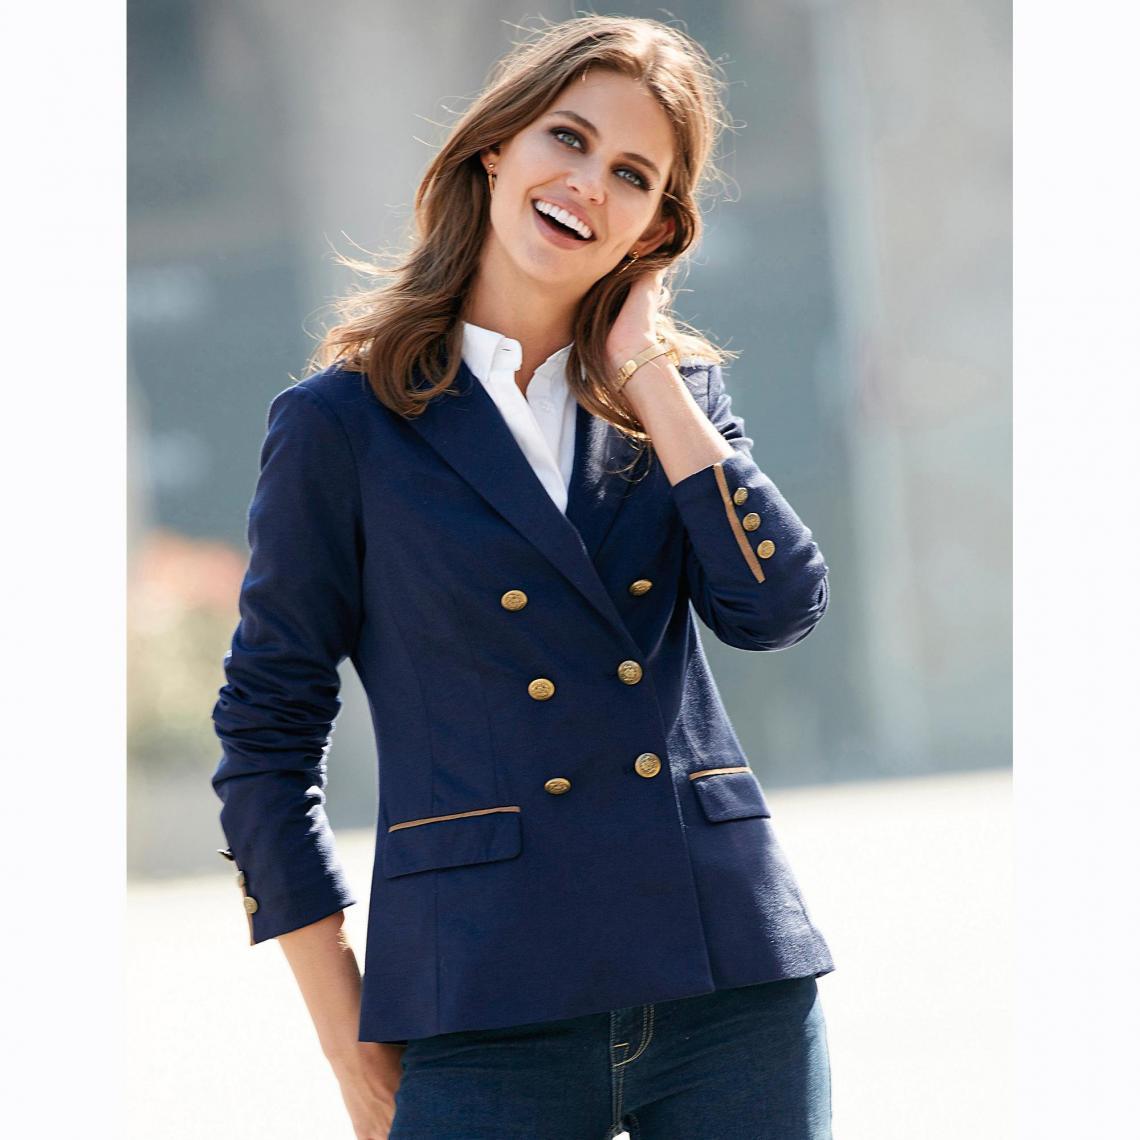 f473addb650 Veste manches longues double boutonnage femme - Bleu 3 SUISSES